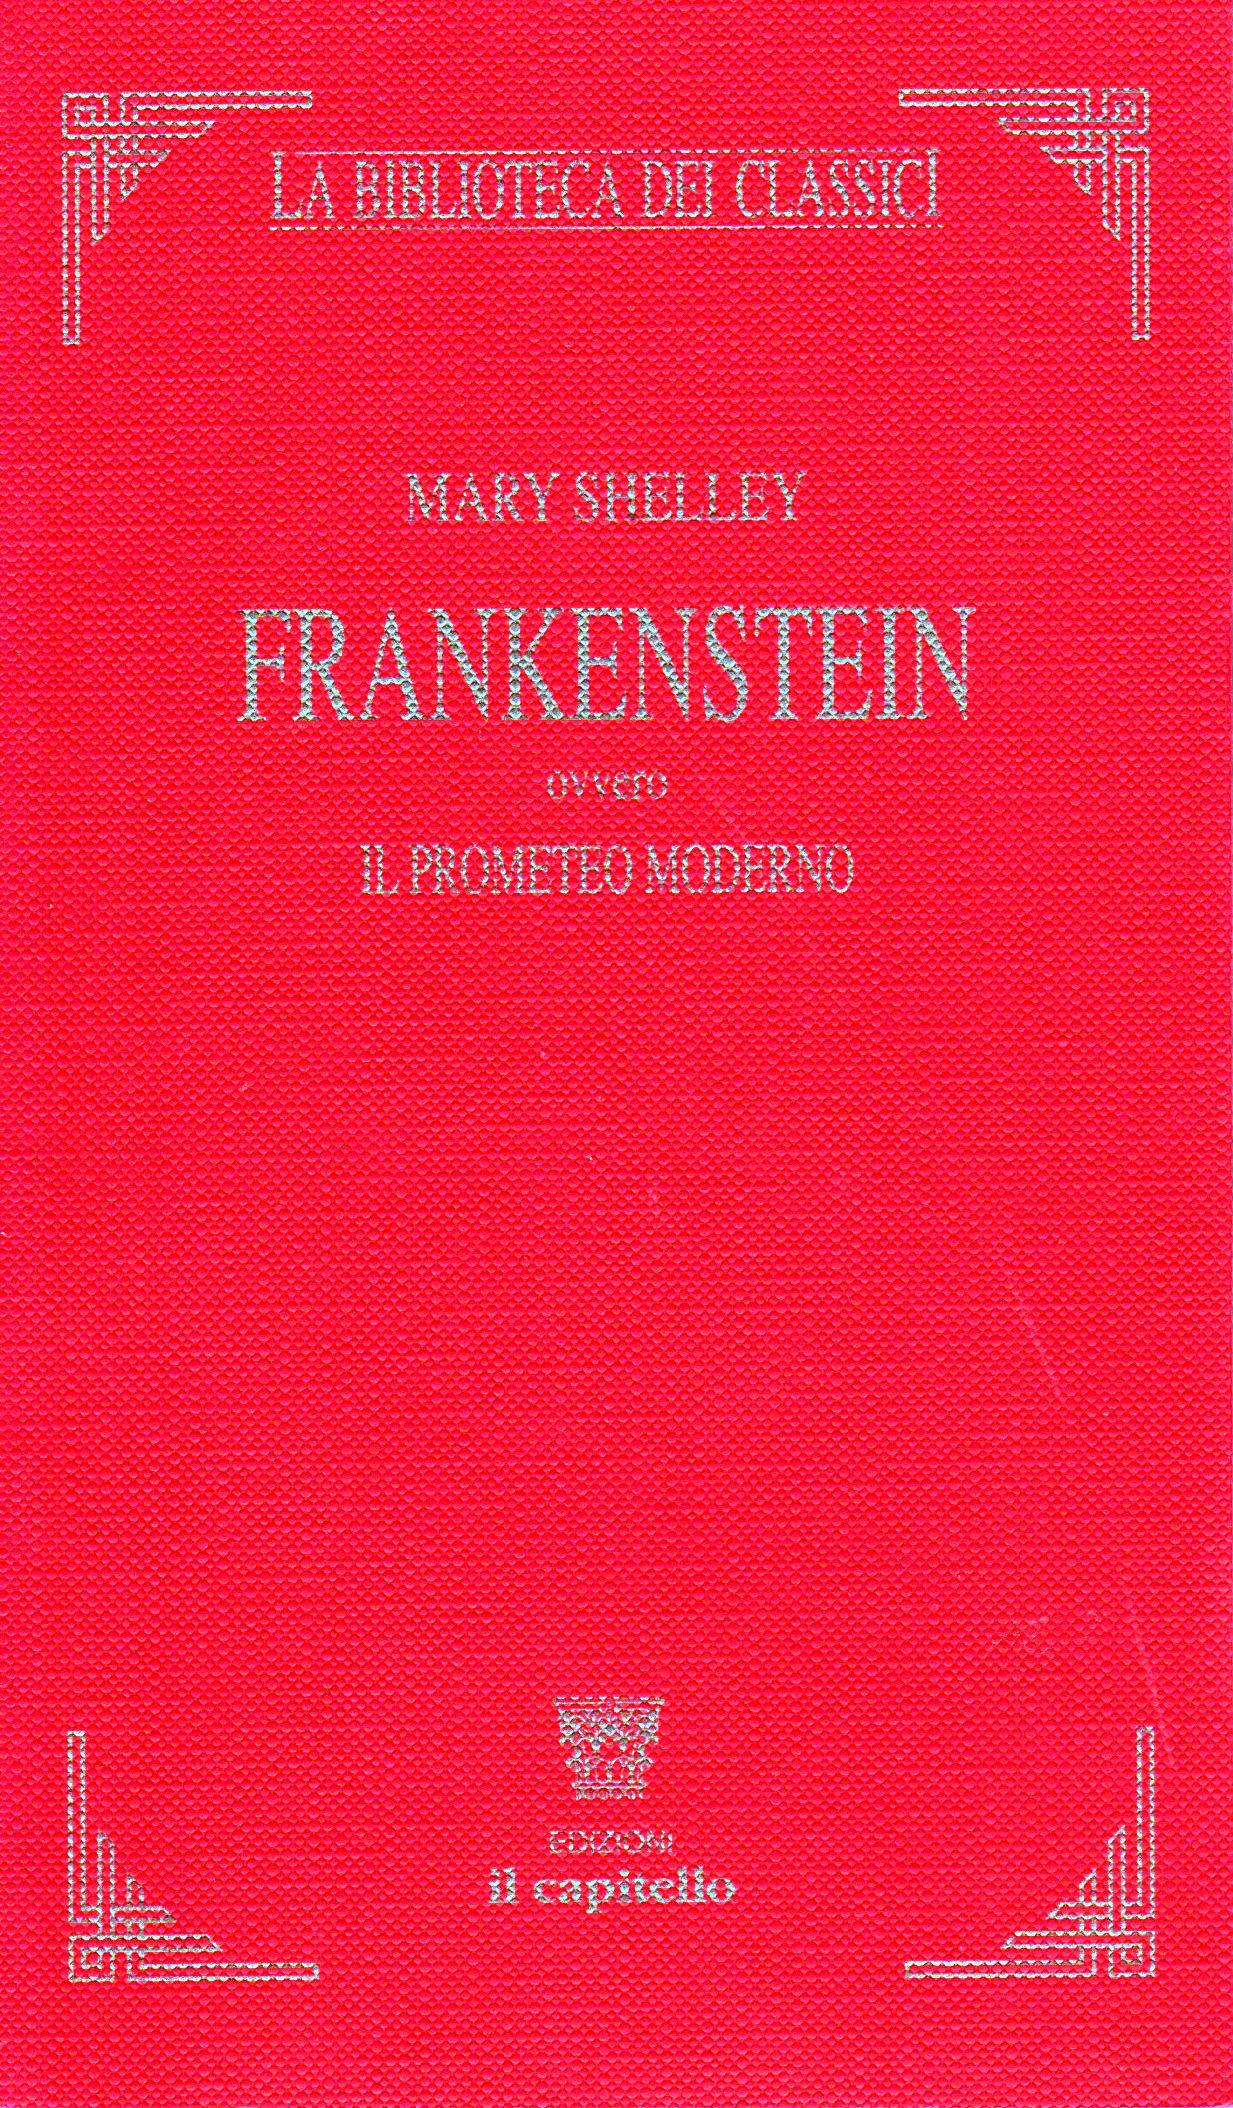 Frankenstein ovvero ...